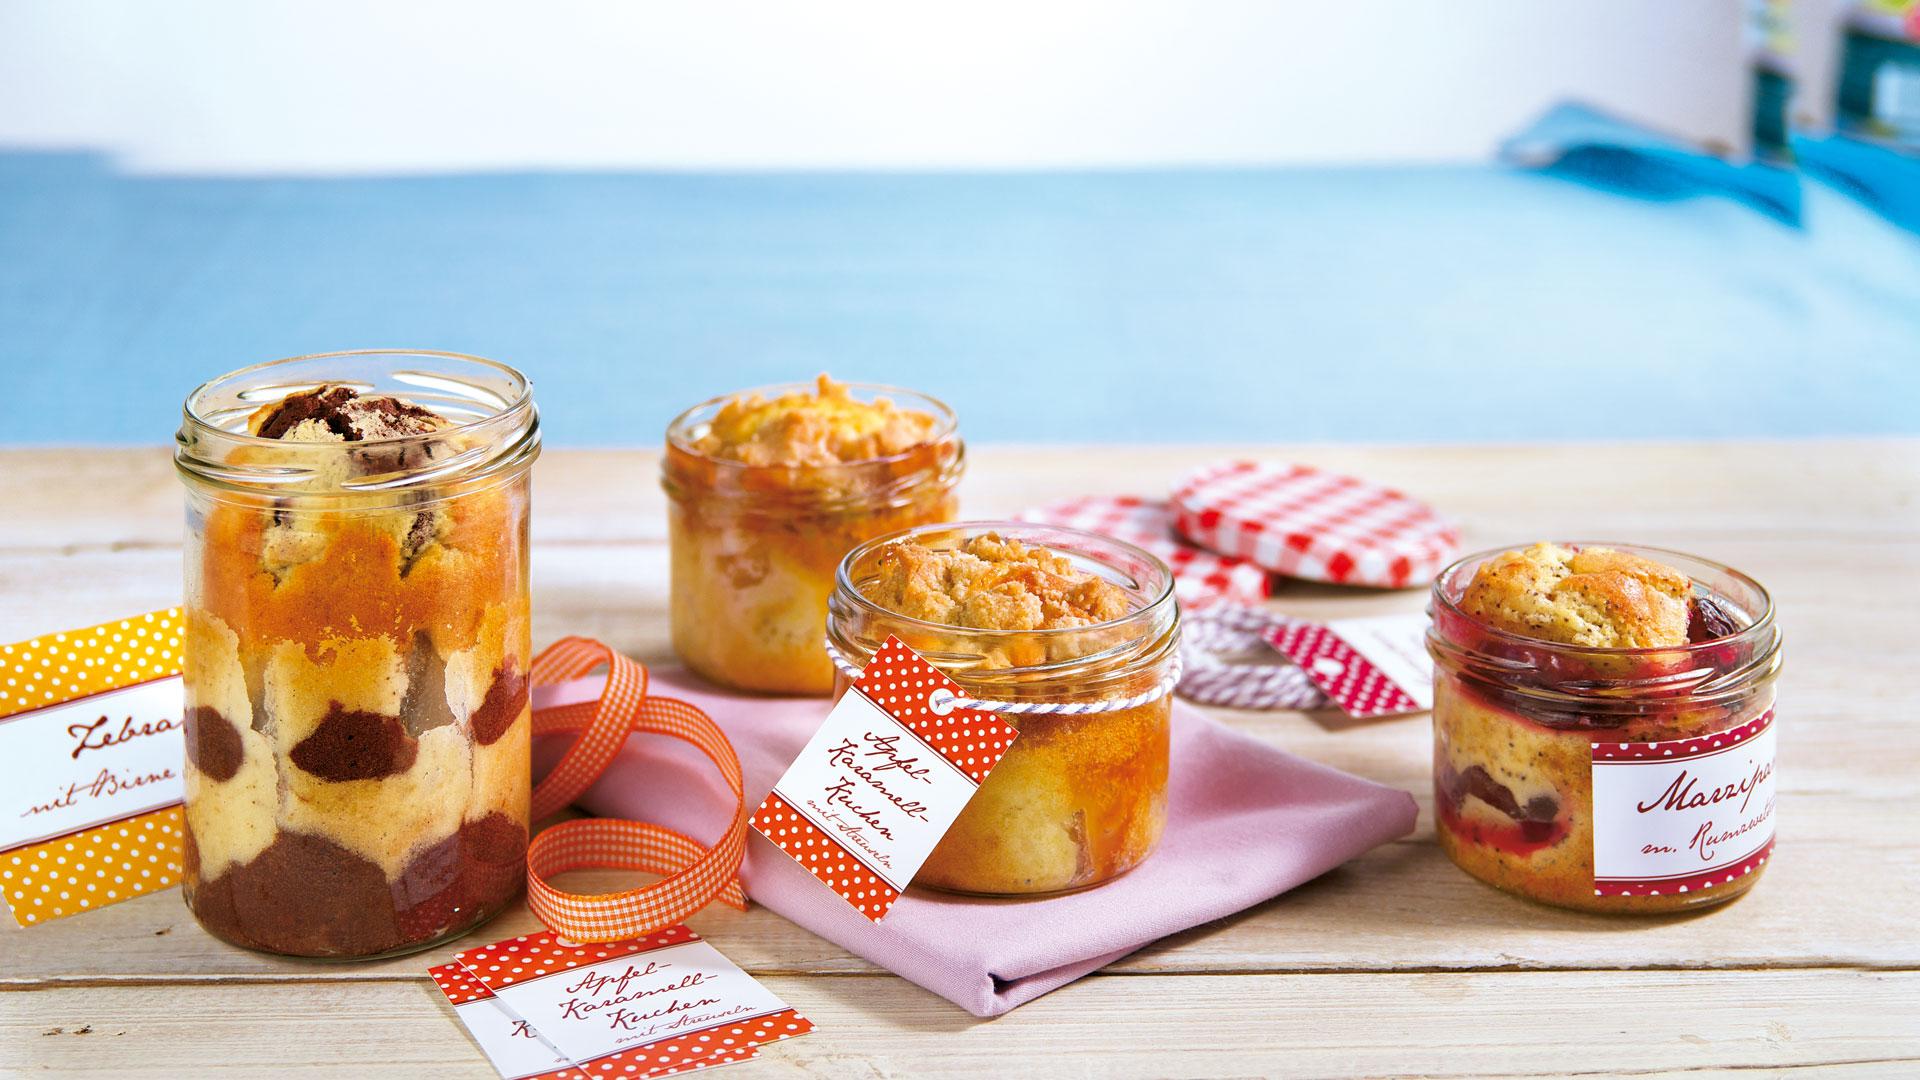 Kuchen Im Glas Marzipankuchen Mit Rum Zwetschgen Und Mohn Rezept